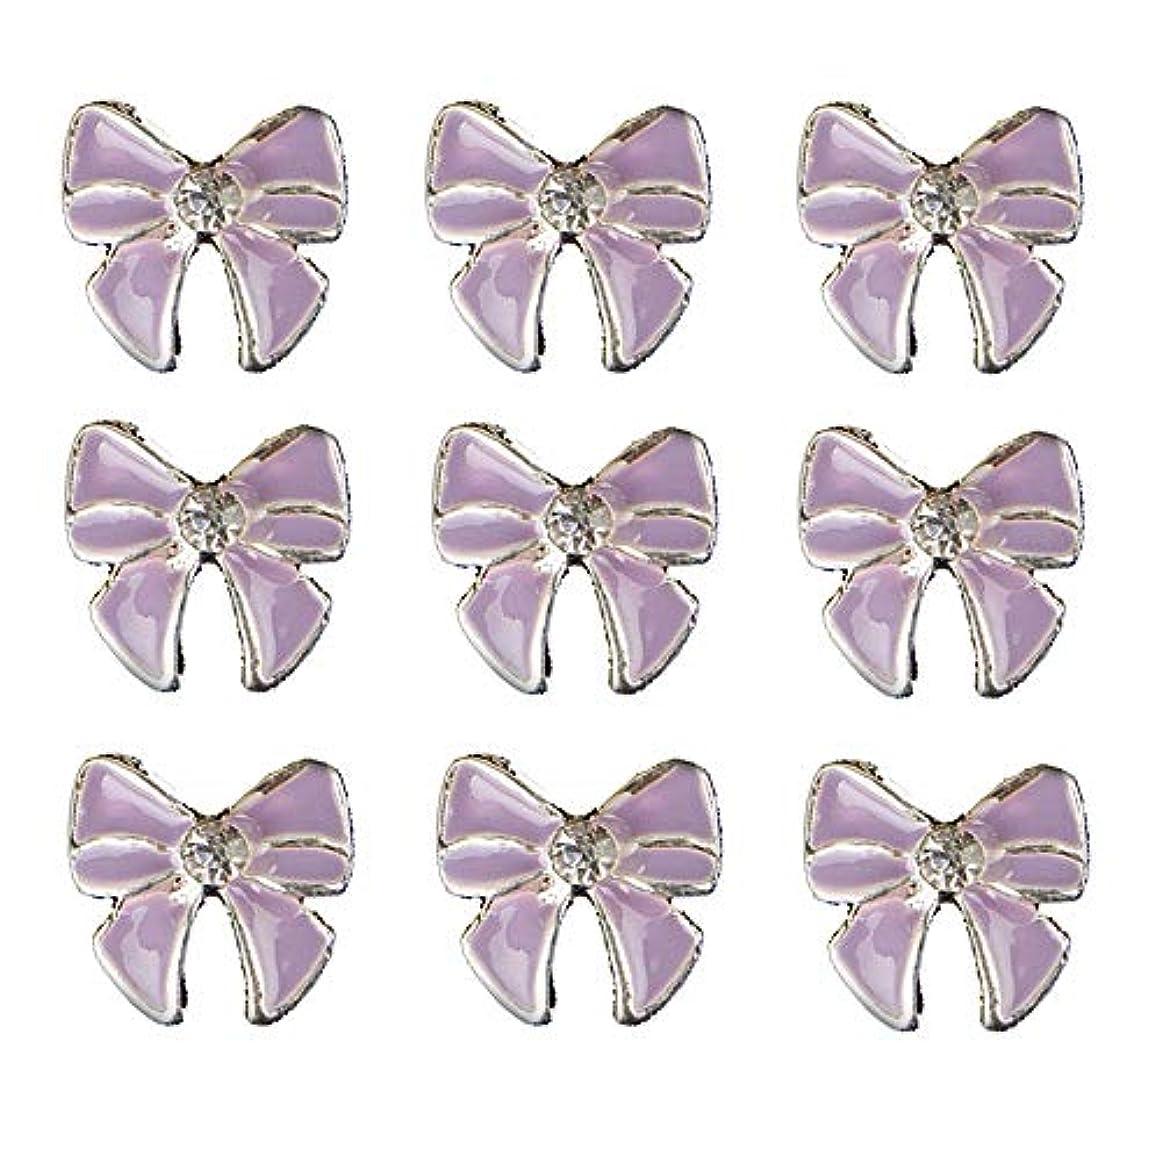 ラウズ悪意ねじれ10個入りの3Dネイル合金デコレーション紫蝶ネクタイのデザイングリッターラインストーンネイルのヒントステッカーネイルツール